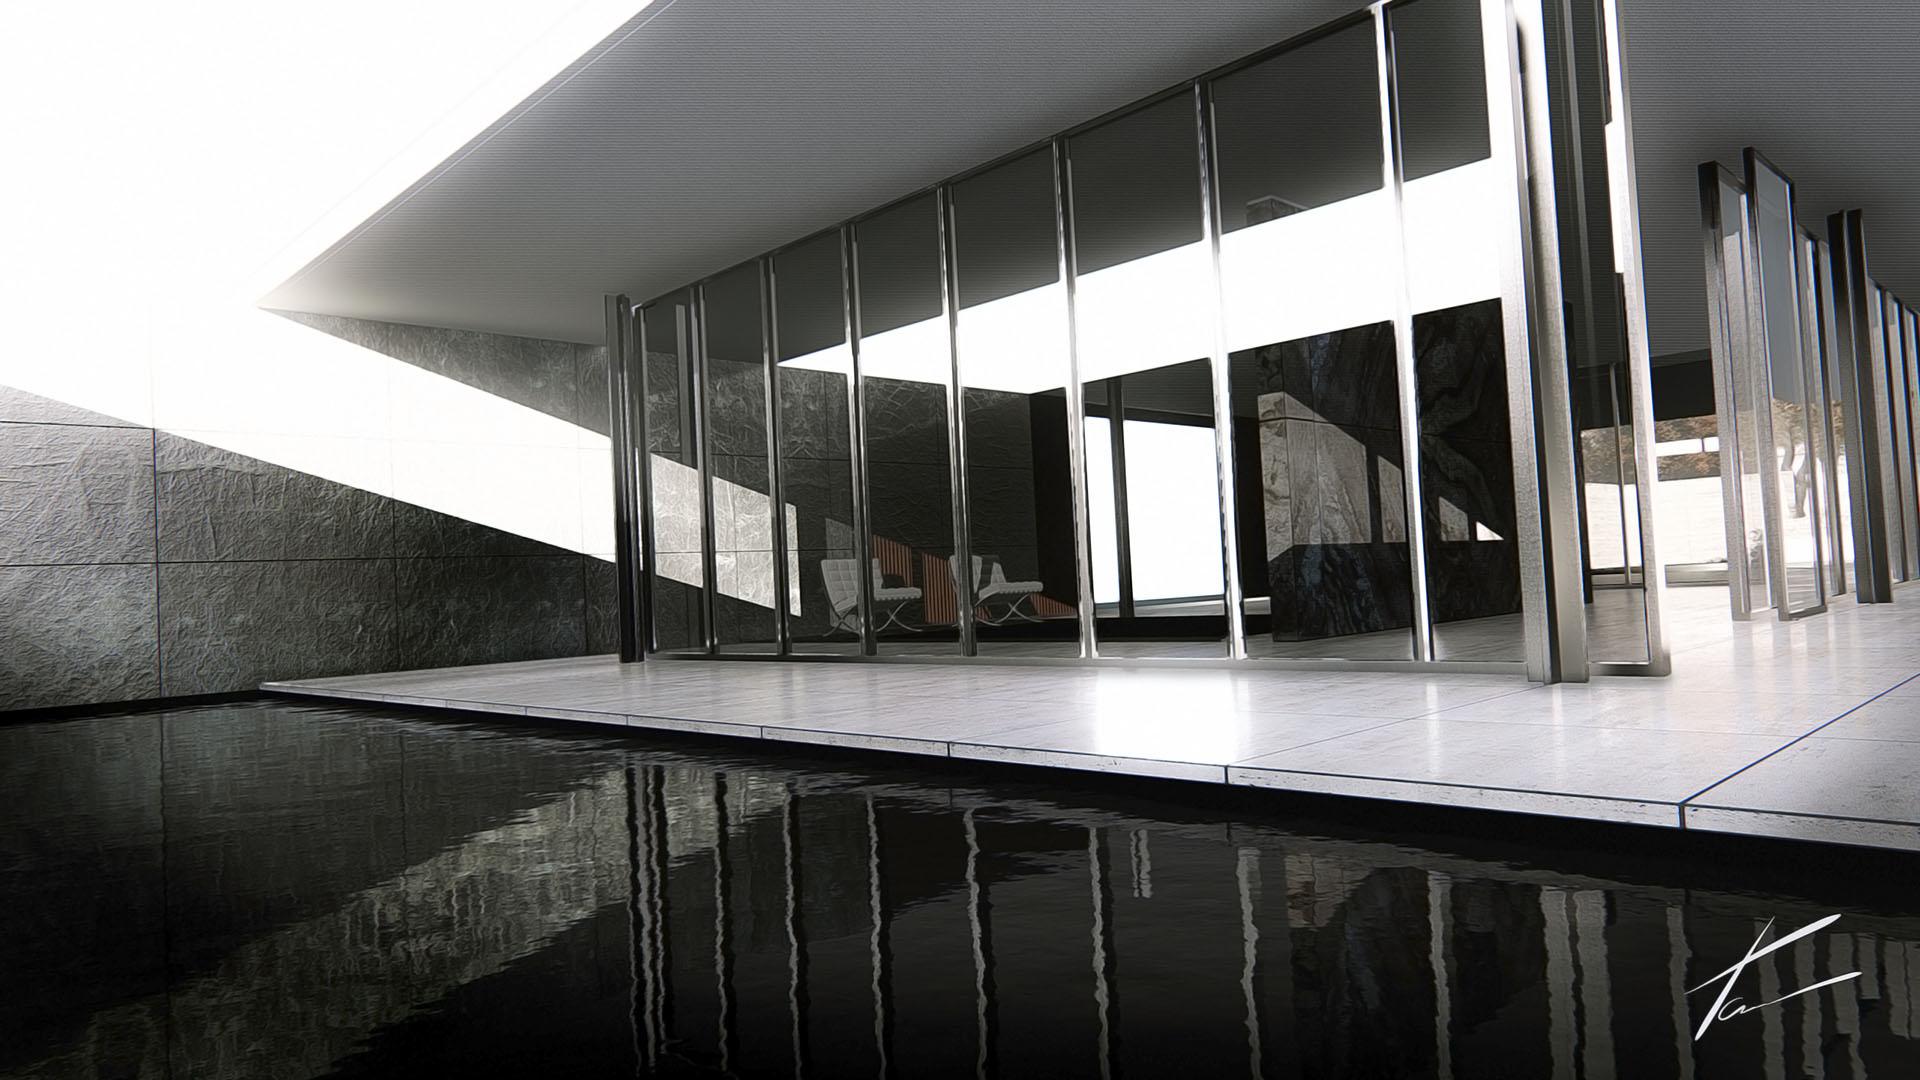 Kristijan Tavcar_Miragedereve_Tribute to Ludwig Mies van der Rohe_005.jpg